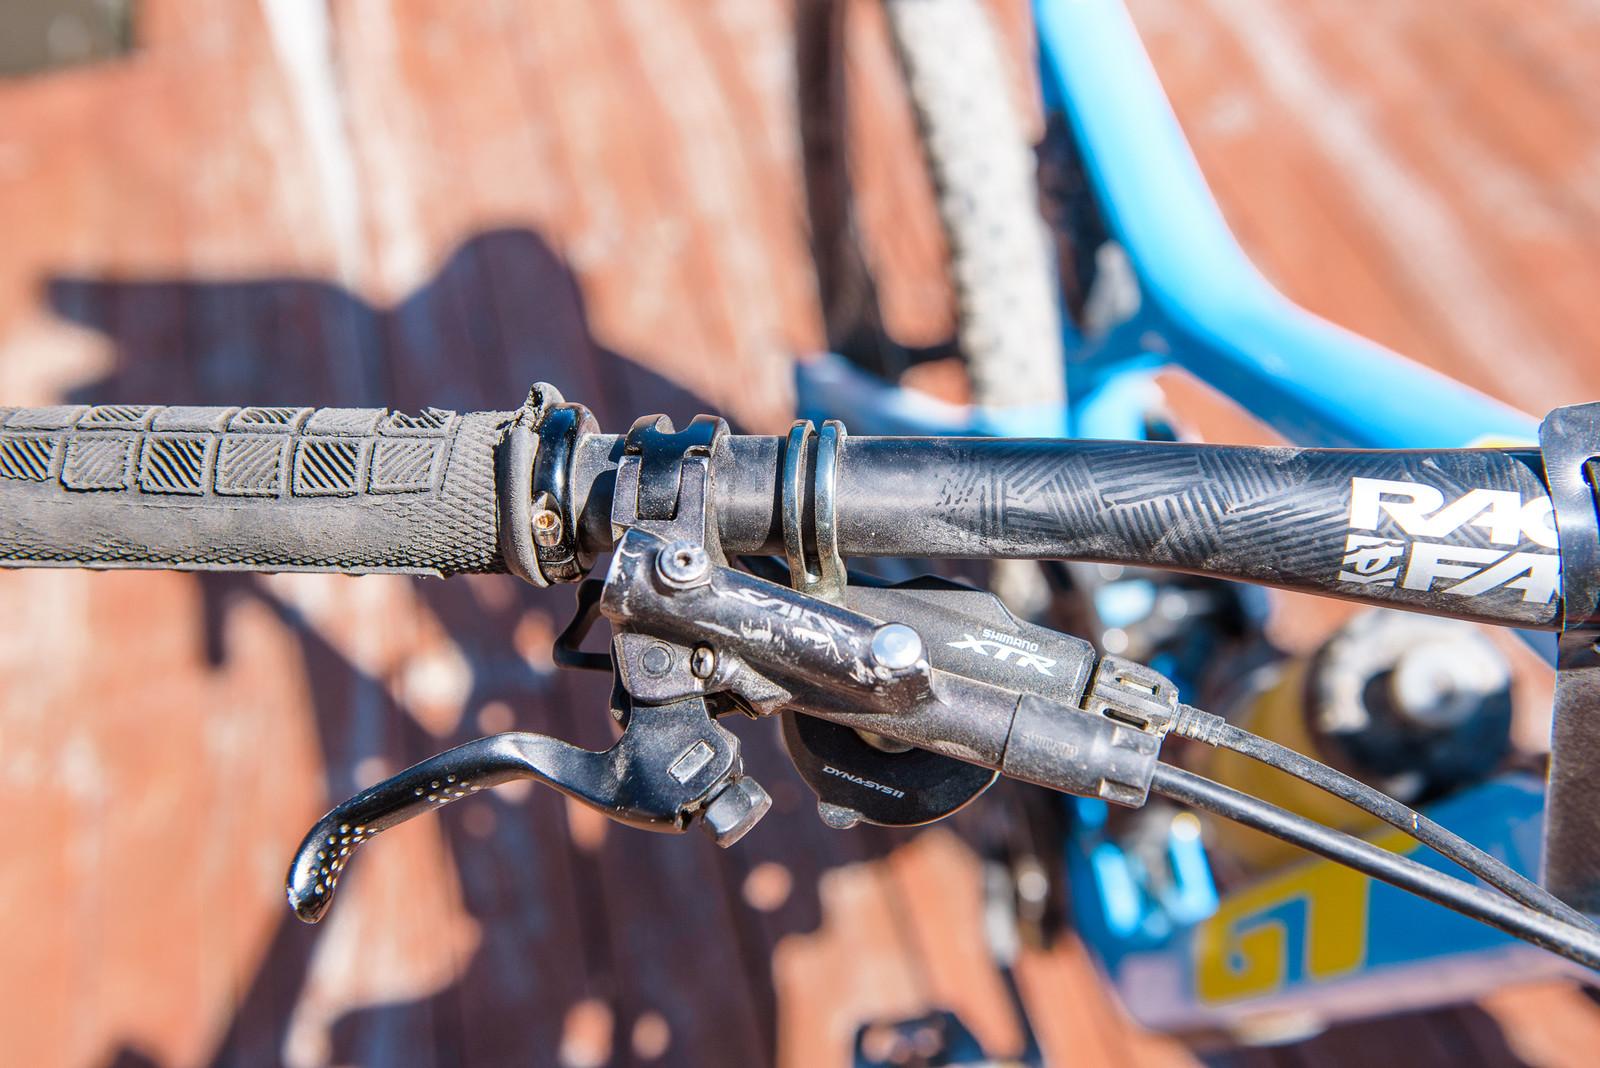 Gripped - Pro Bike - Wyn Masters' GT Force, Size XL - Mountain Biking Pictures - Vital MTB